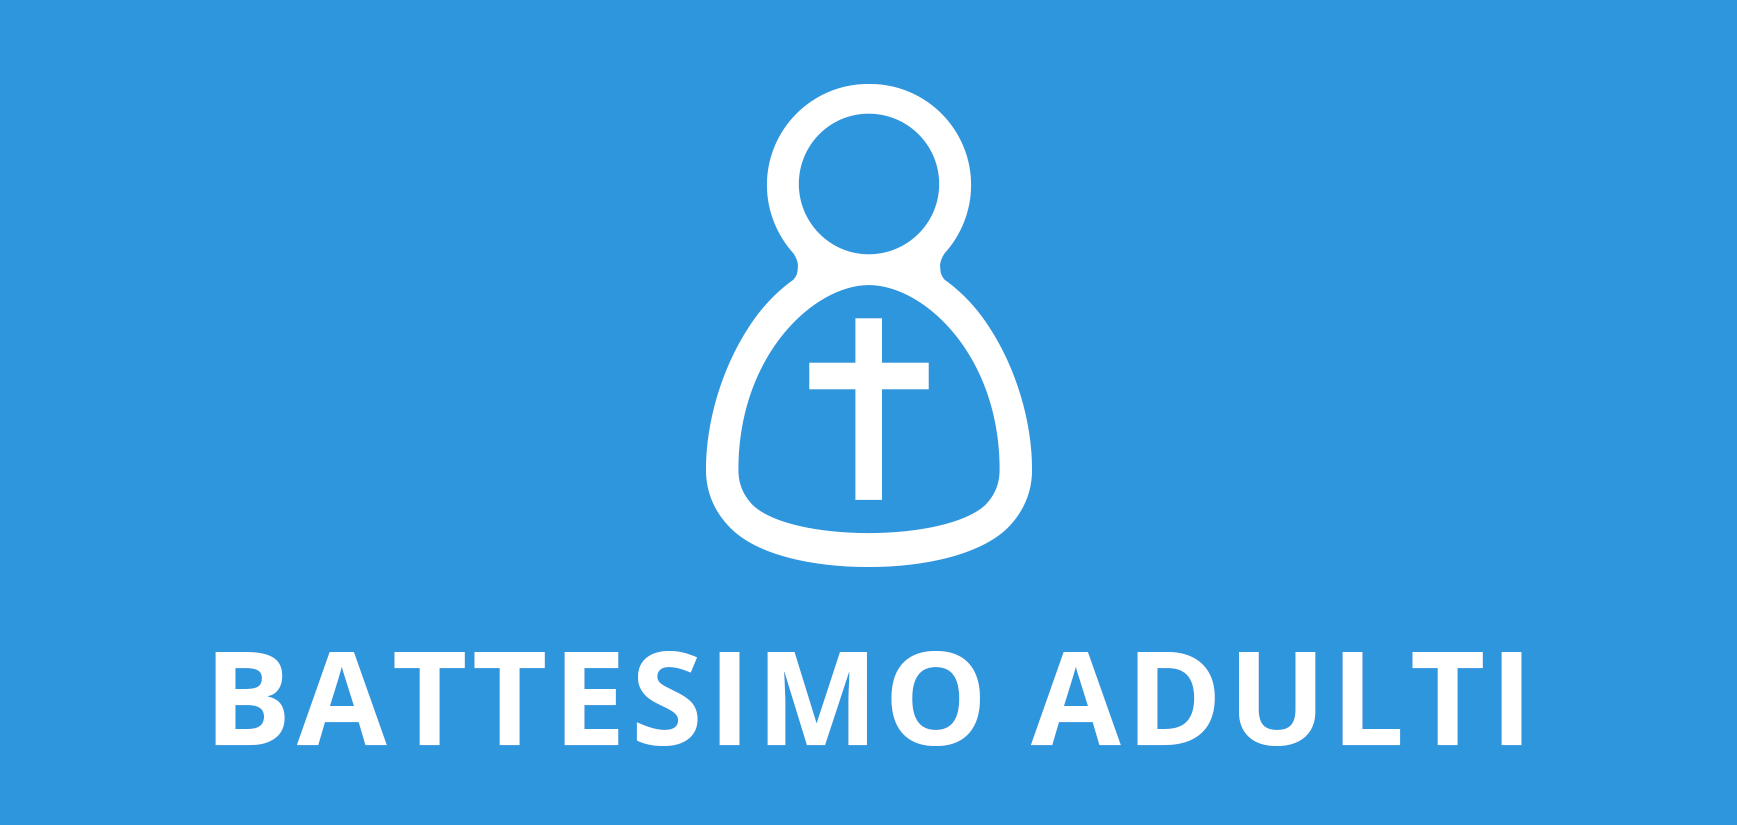 battesimo_adulti